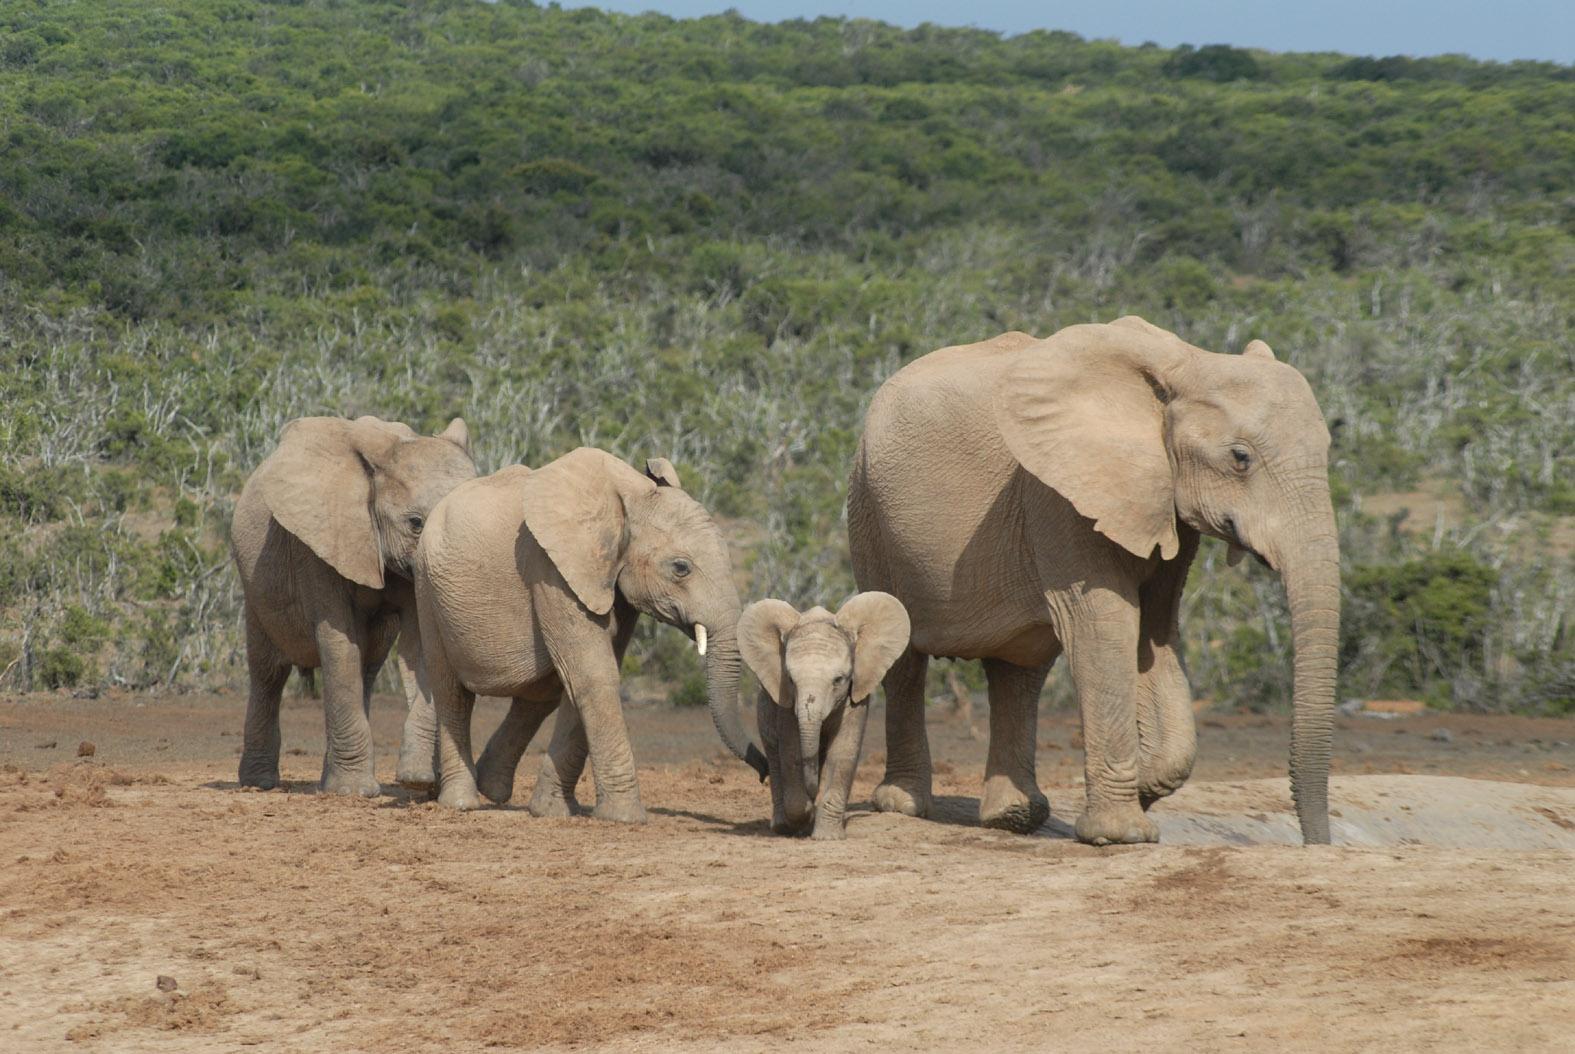 foto: Tom van der Leij van olifanten in Zuid-Afrika